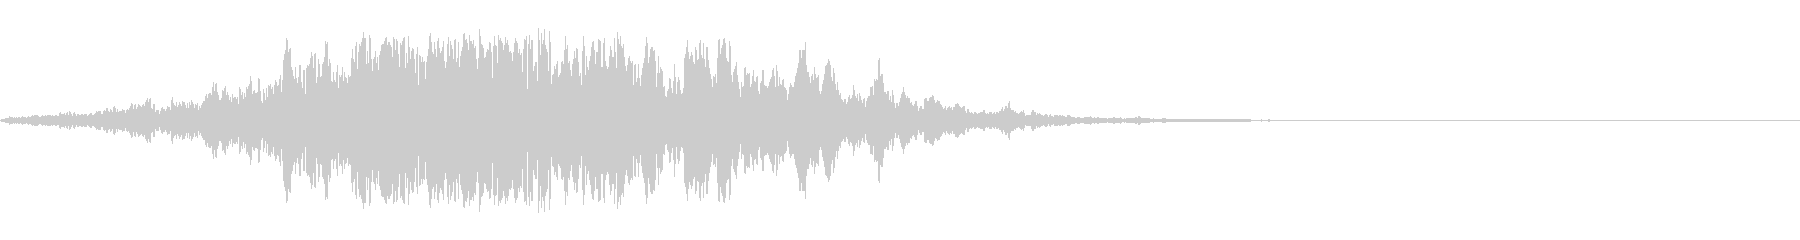 ホラー系導入音_その18の未再生の波形